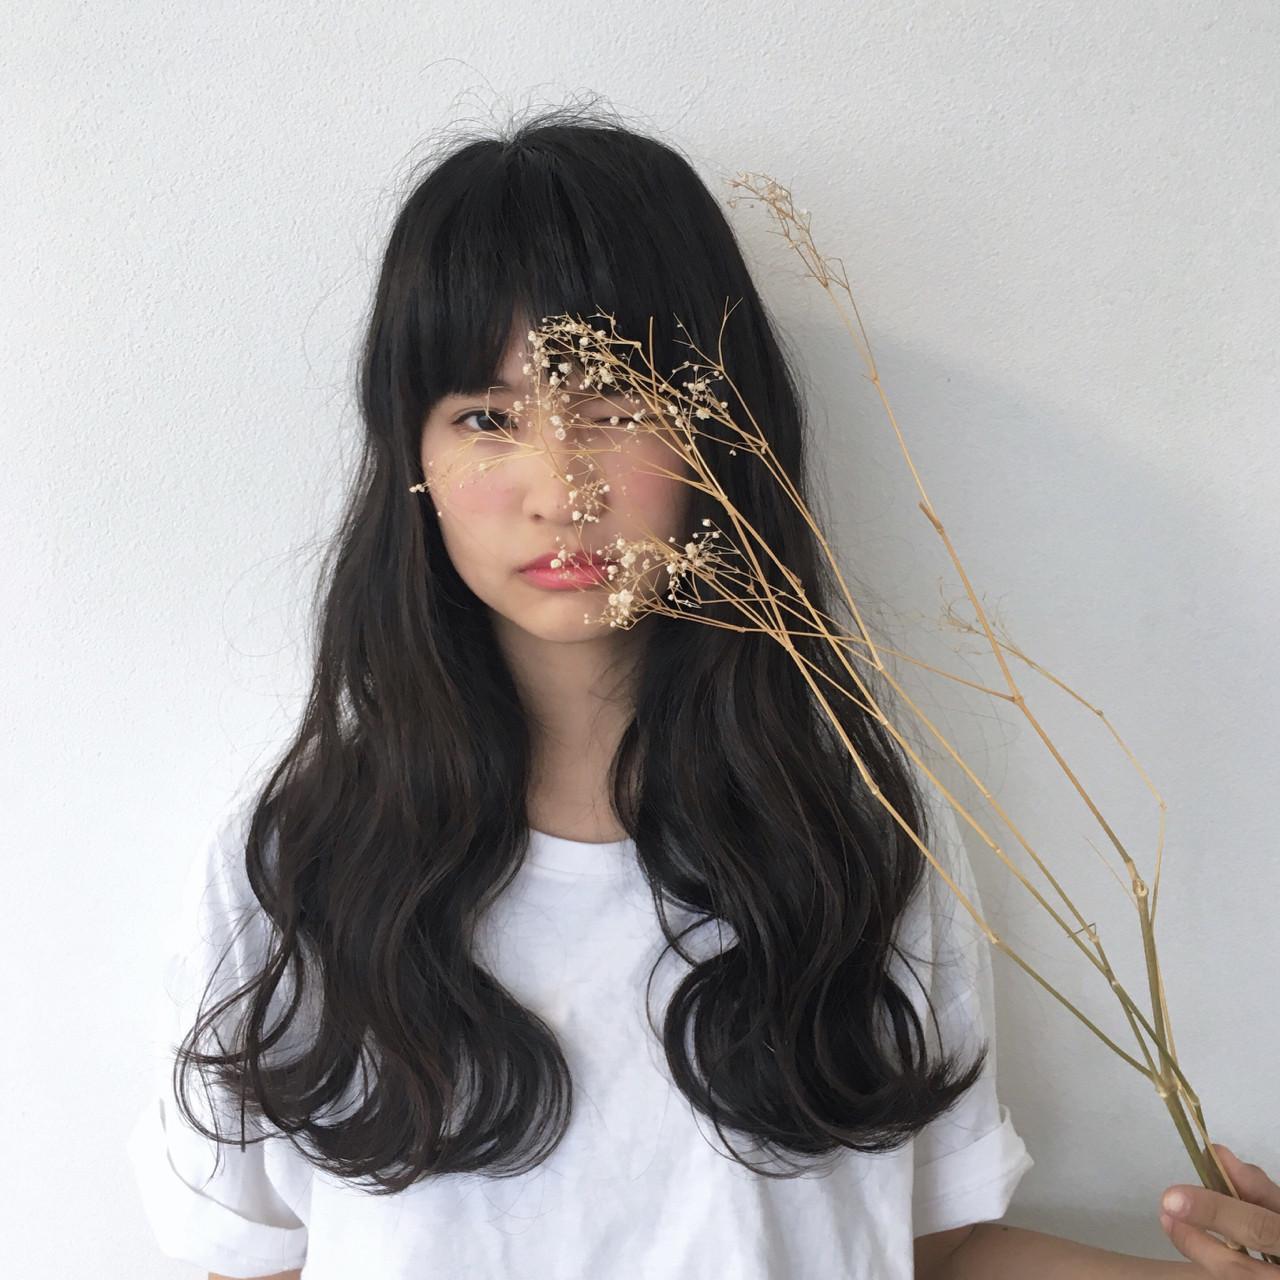 【ロングさん必見】あなた好みの可愛いを♡モテを狙う髪型特集!の8枚目の画像